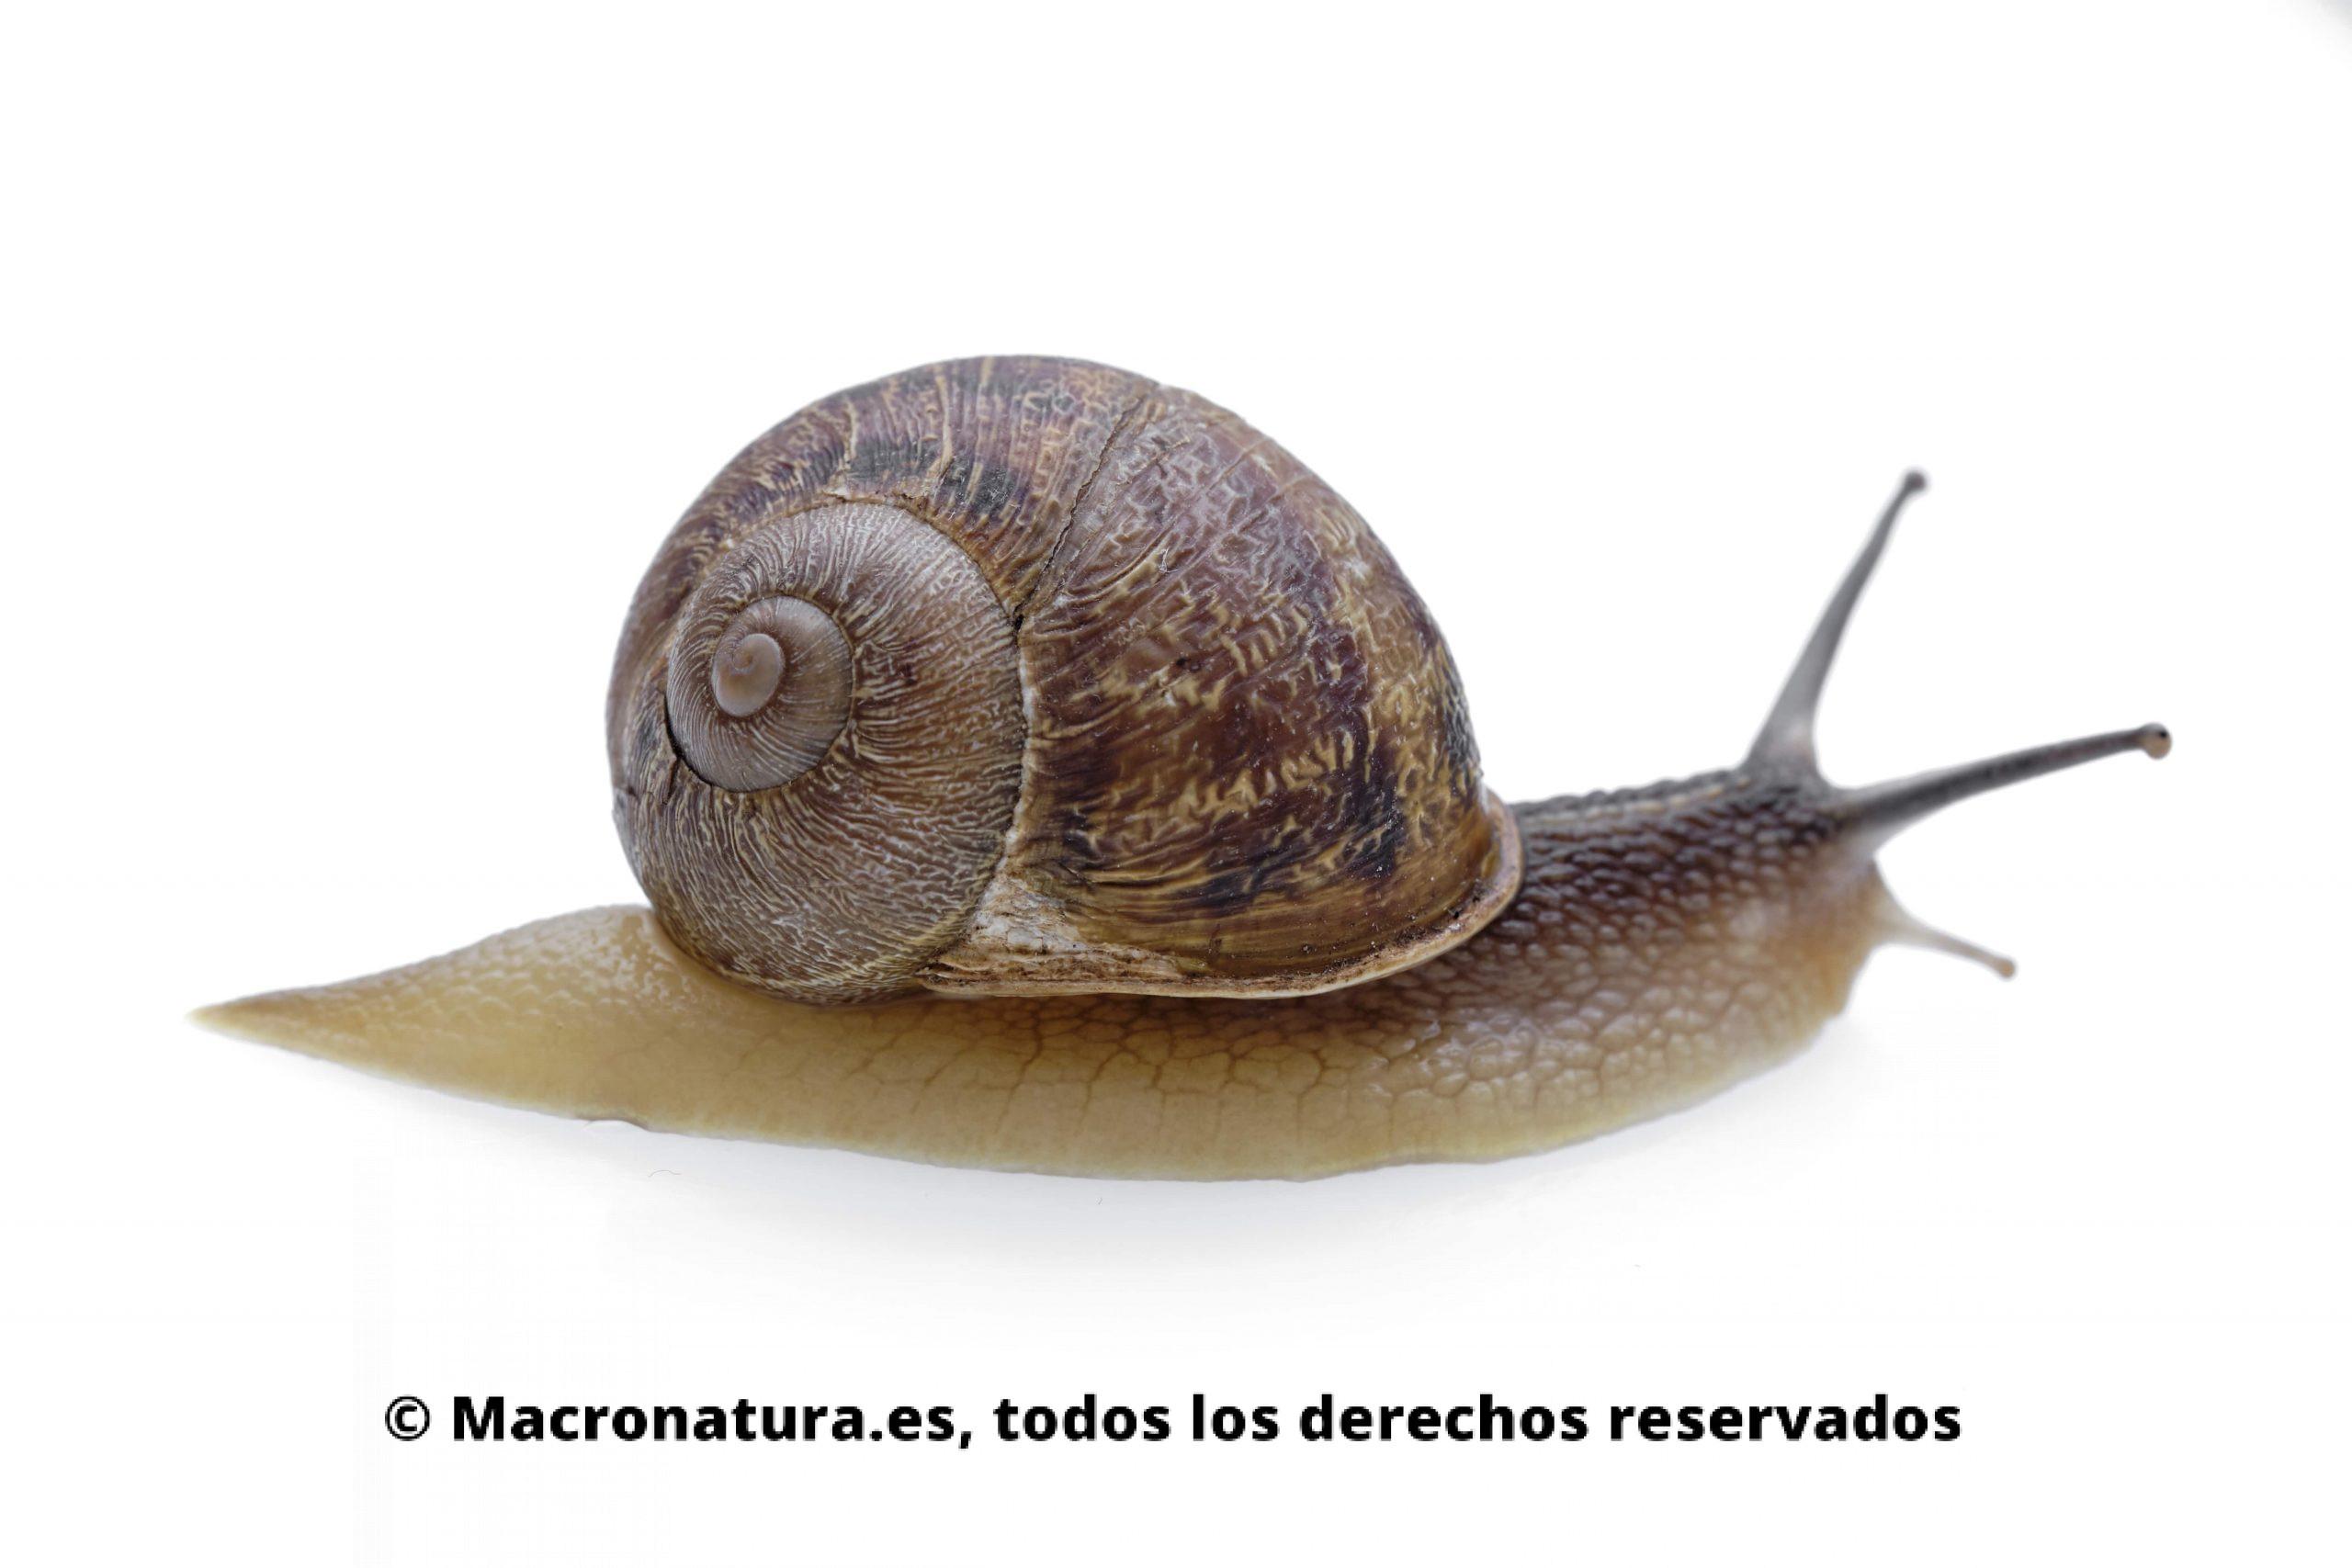 Caracol Helix Aspersa en un fondo blanco. Se aprecia cuerpo y concha.